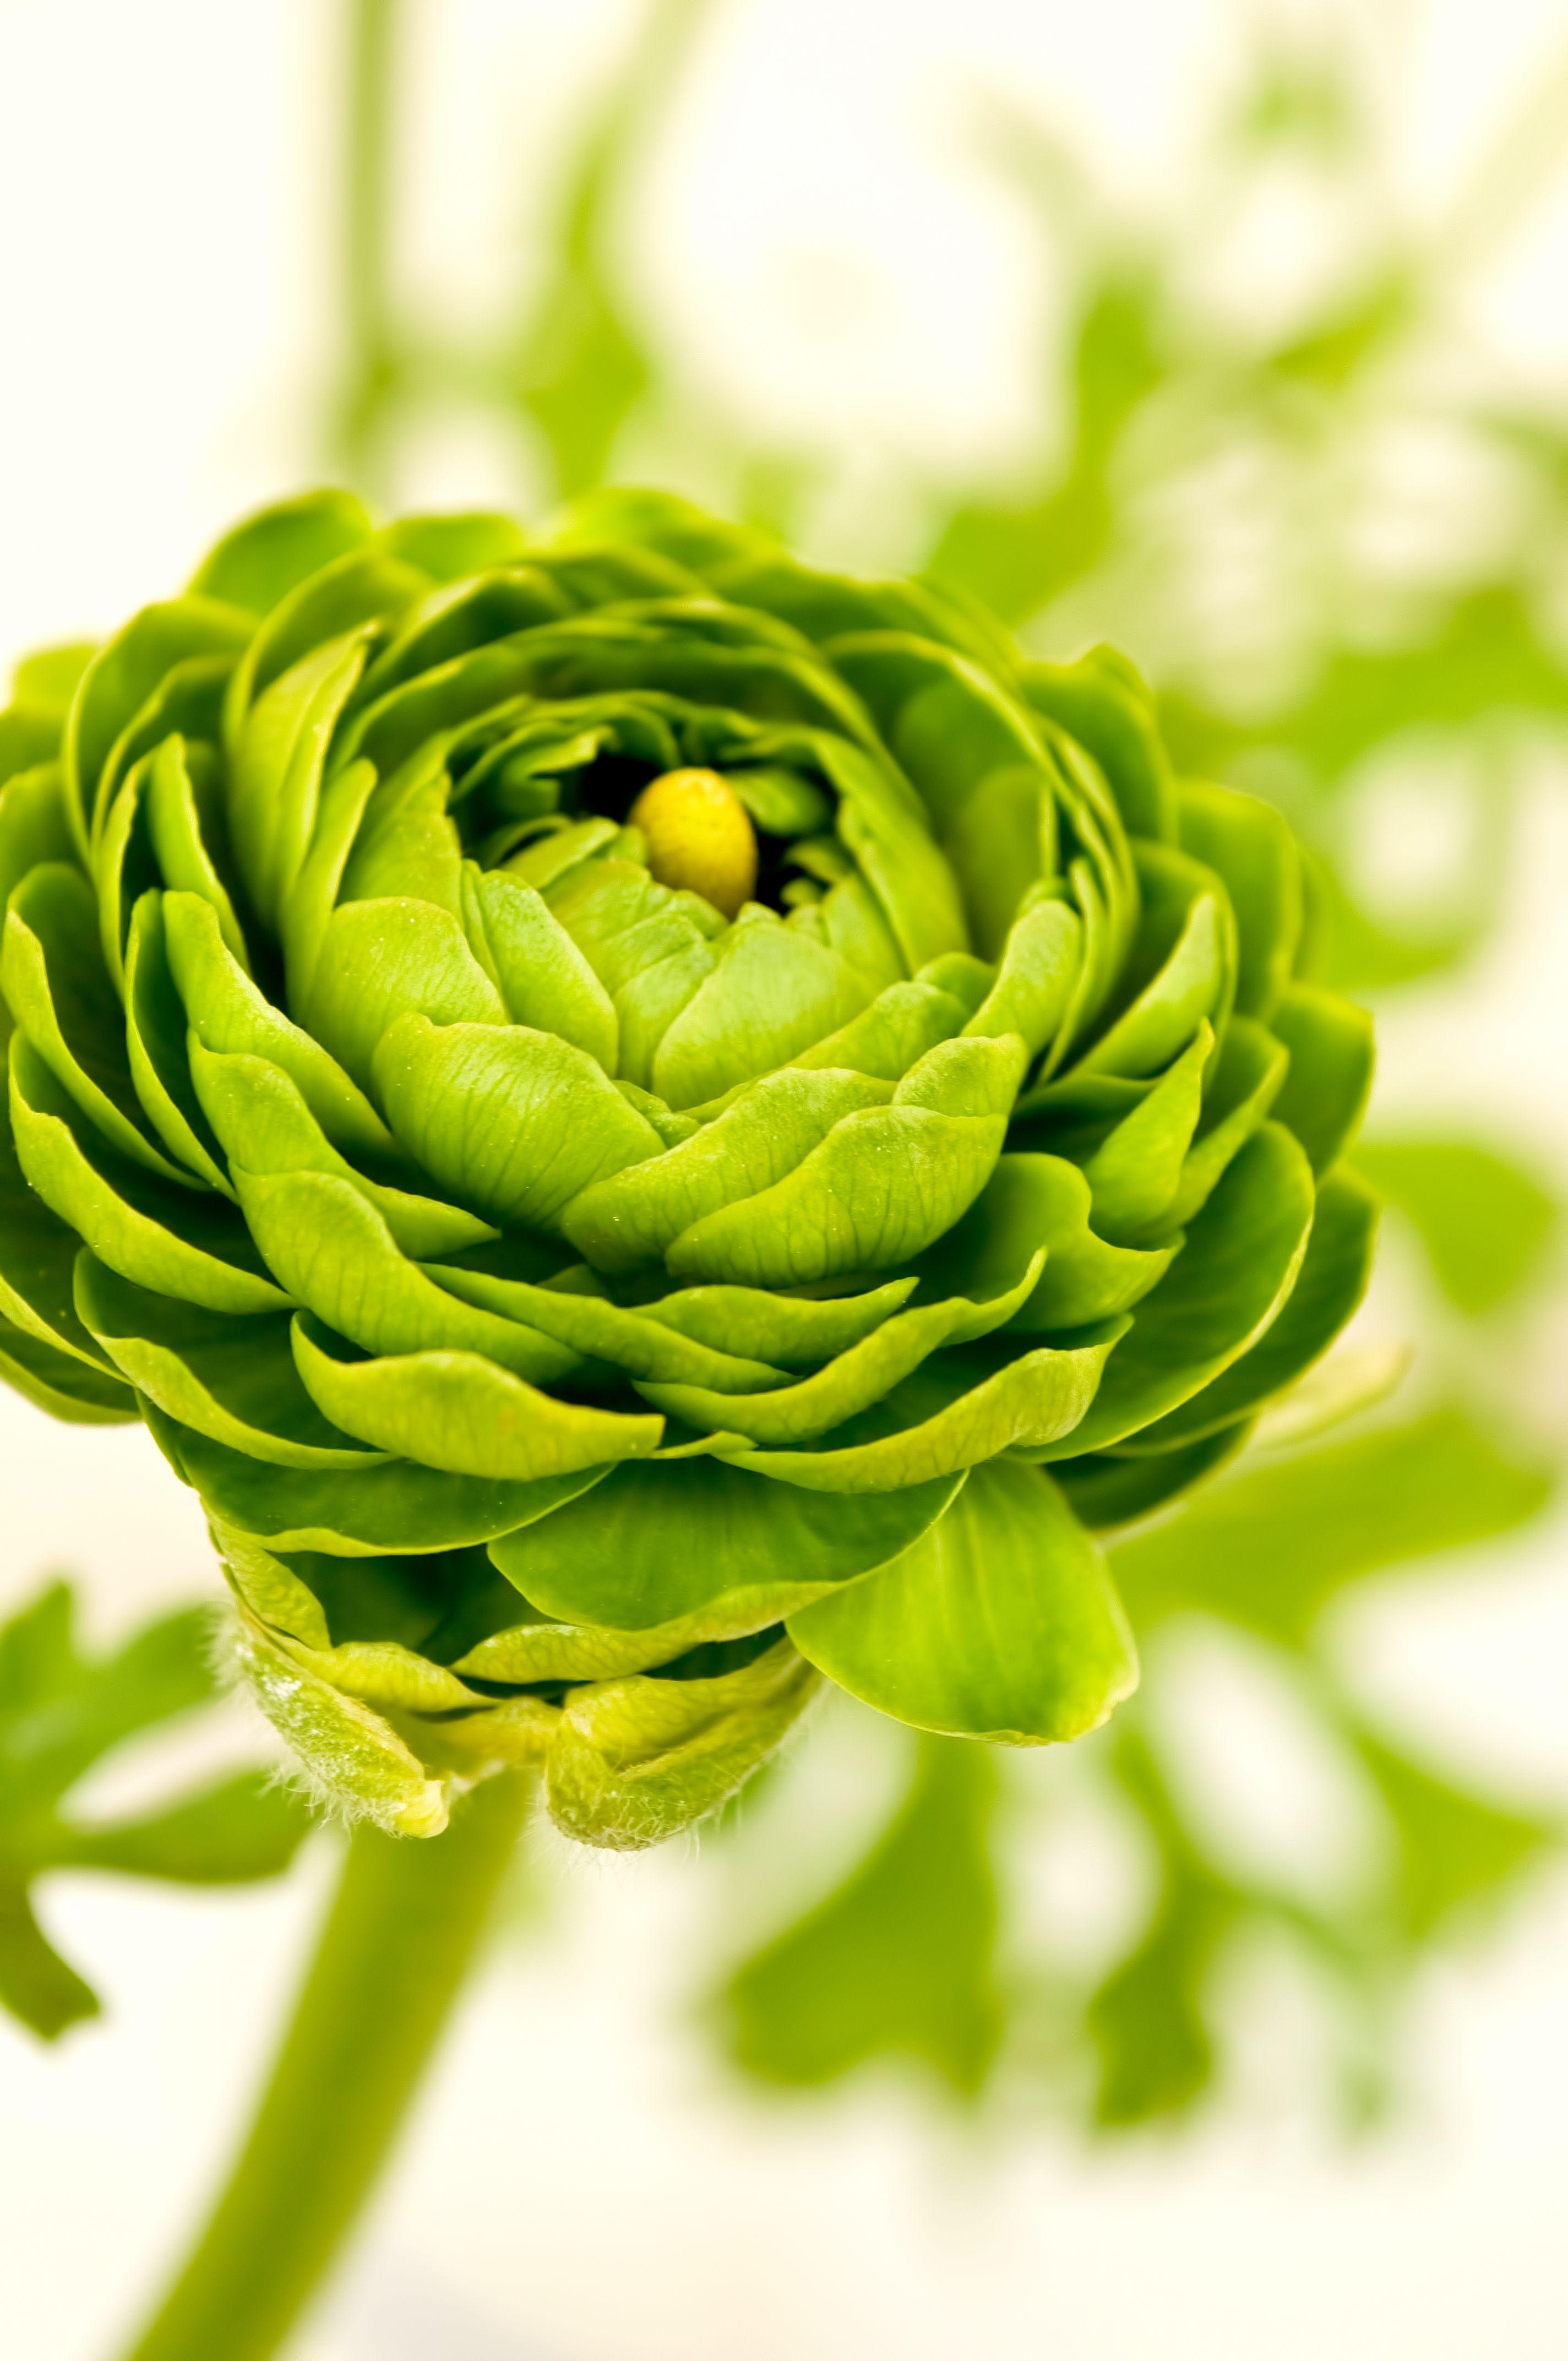 героинь новой красивые фото зеленых цветов портьеры